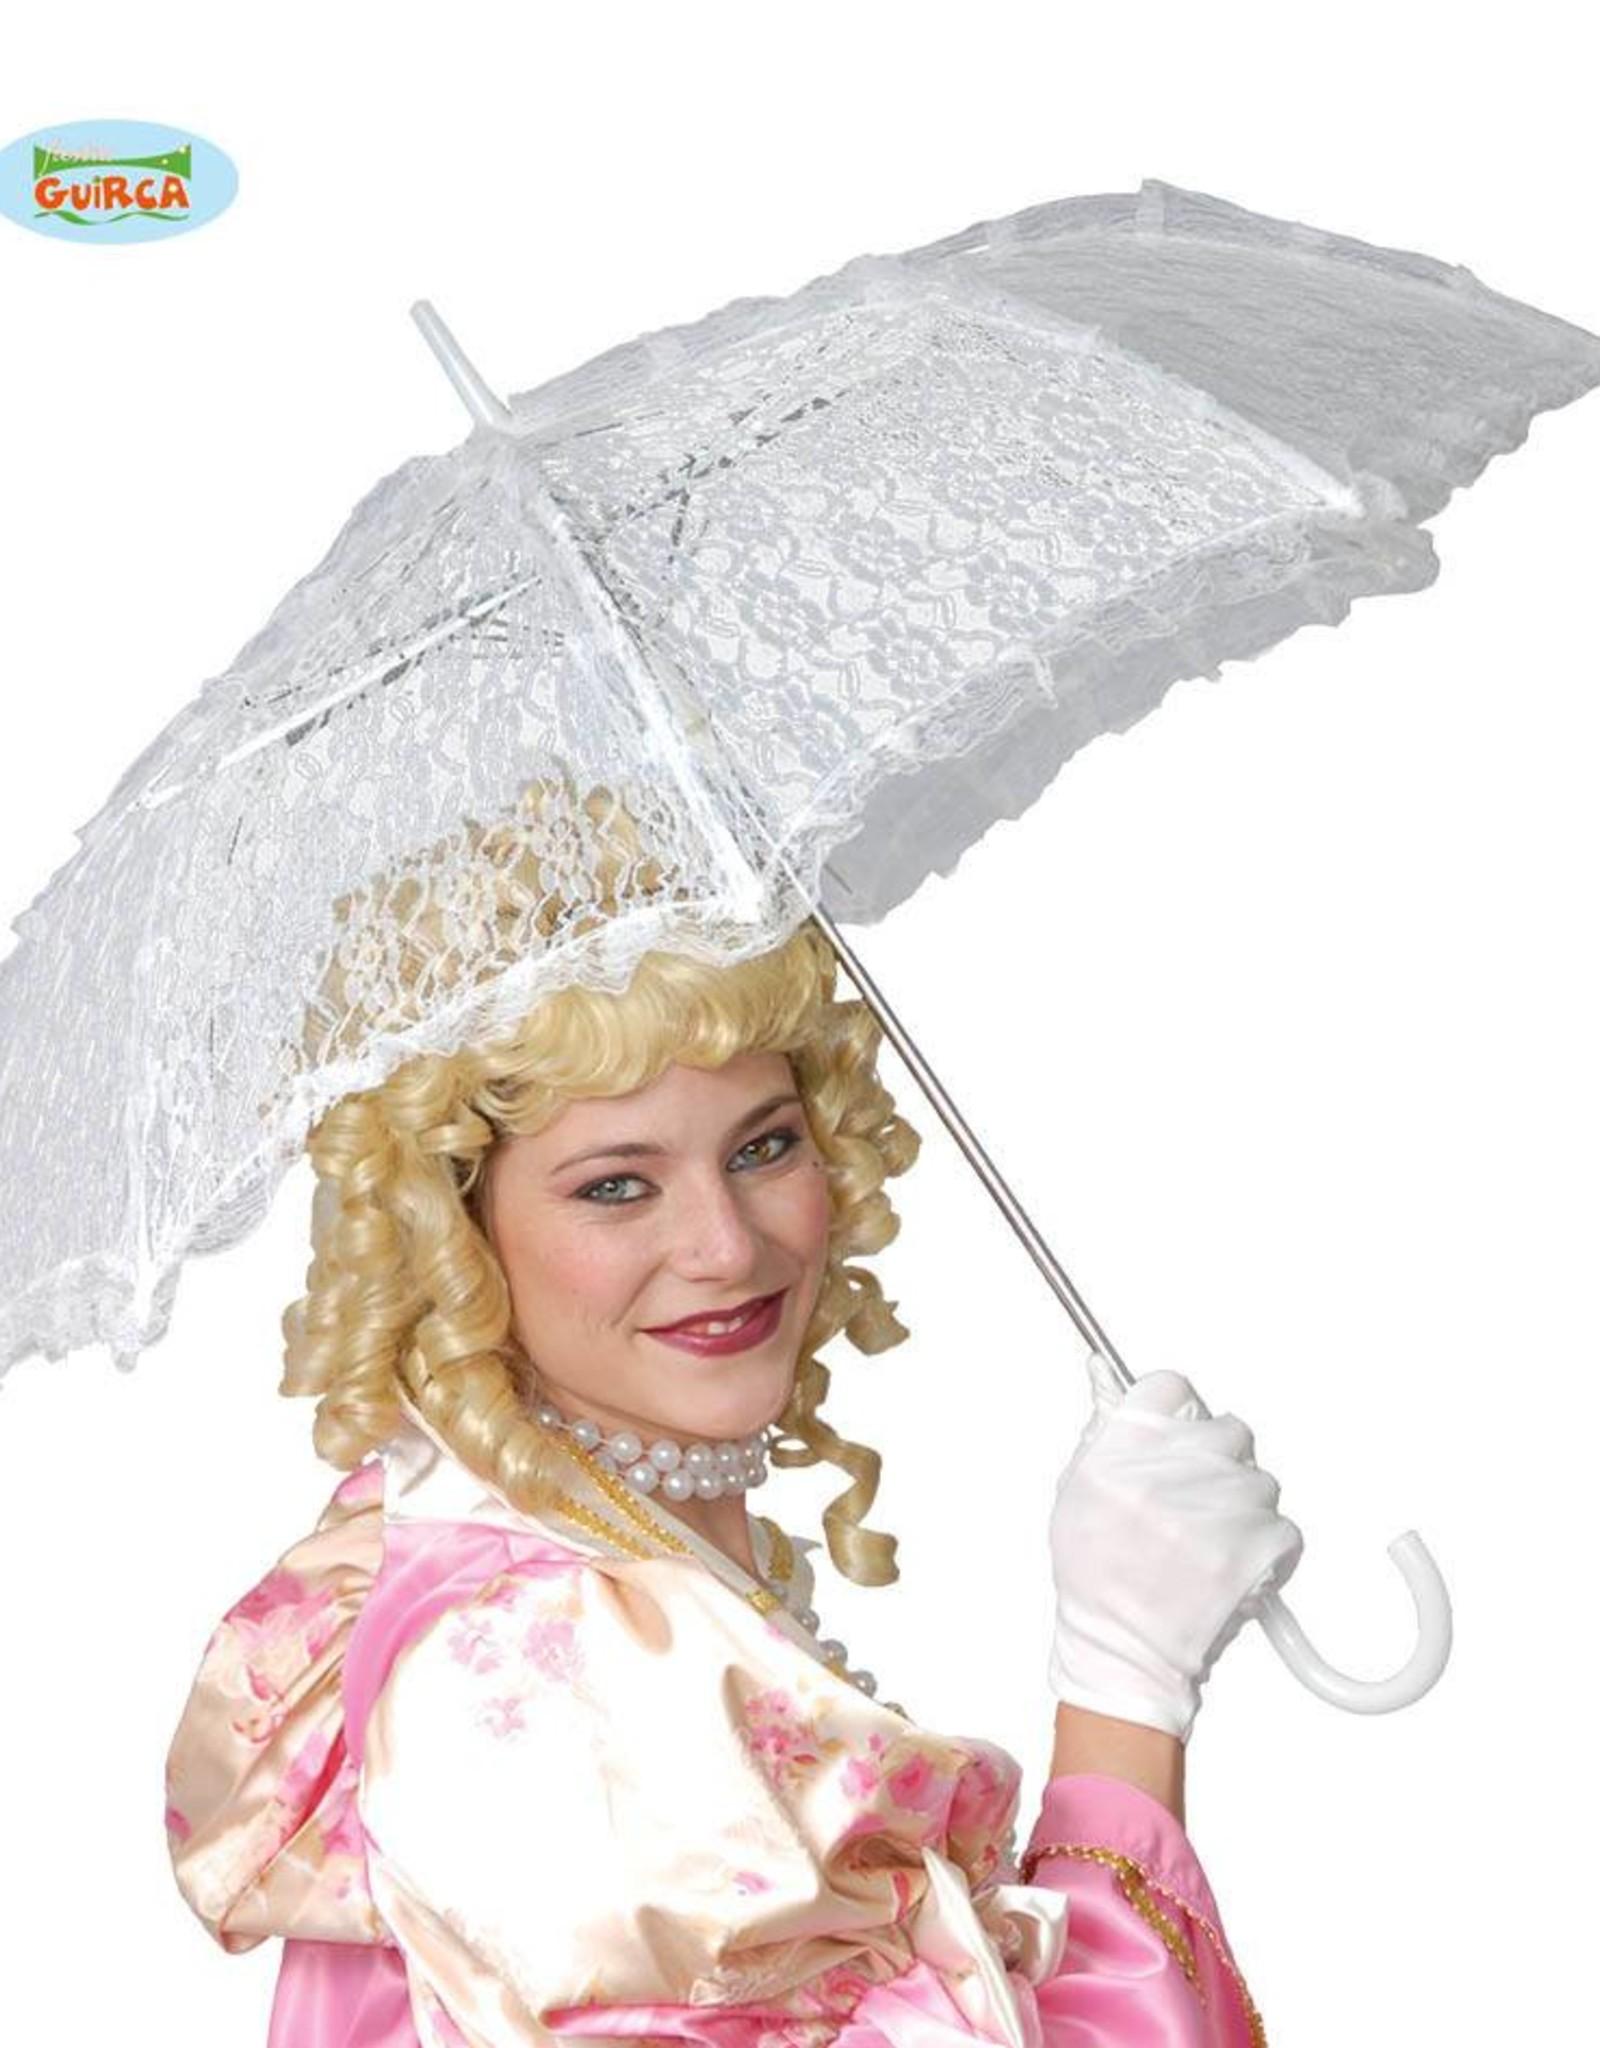 ESPA kanten paraplu